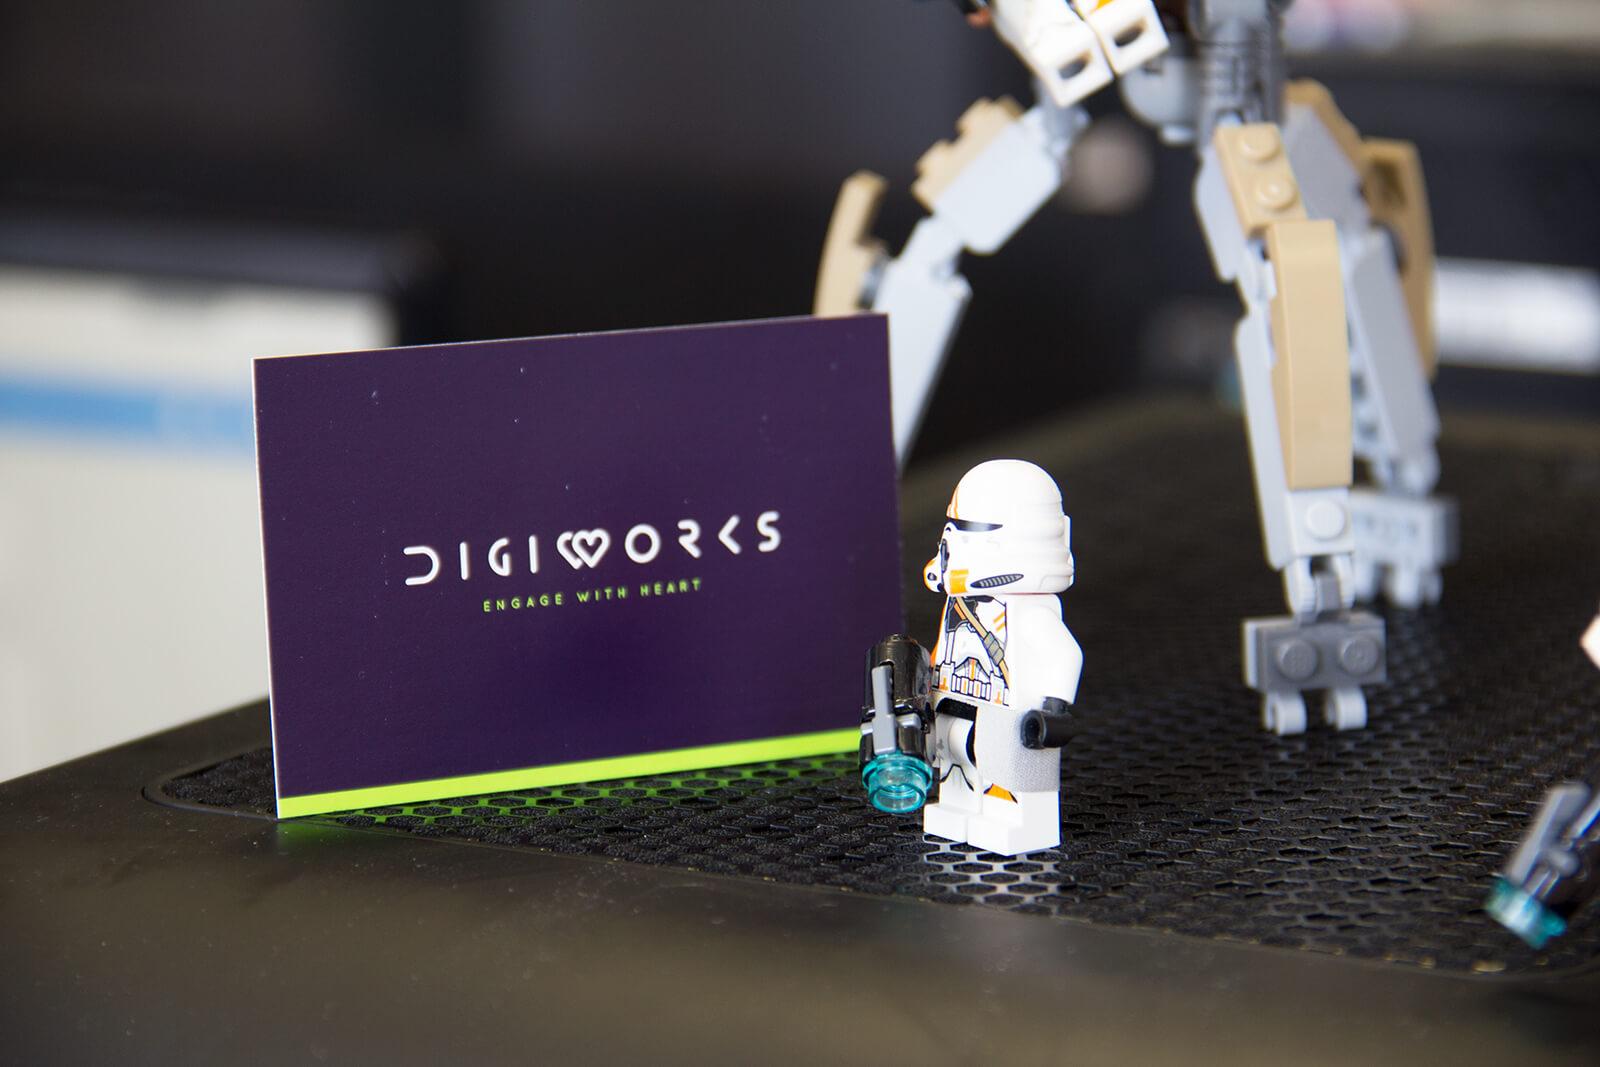 L'agence digiale Digiworks